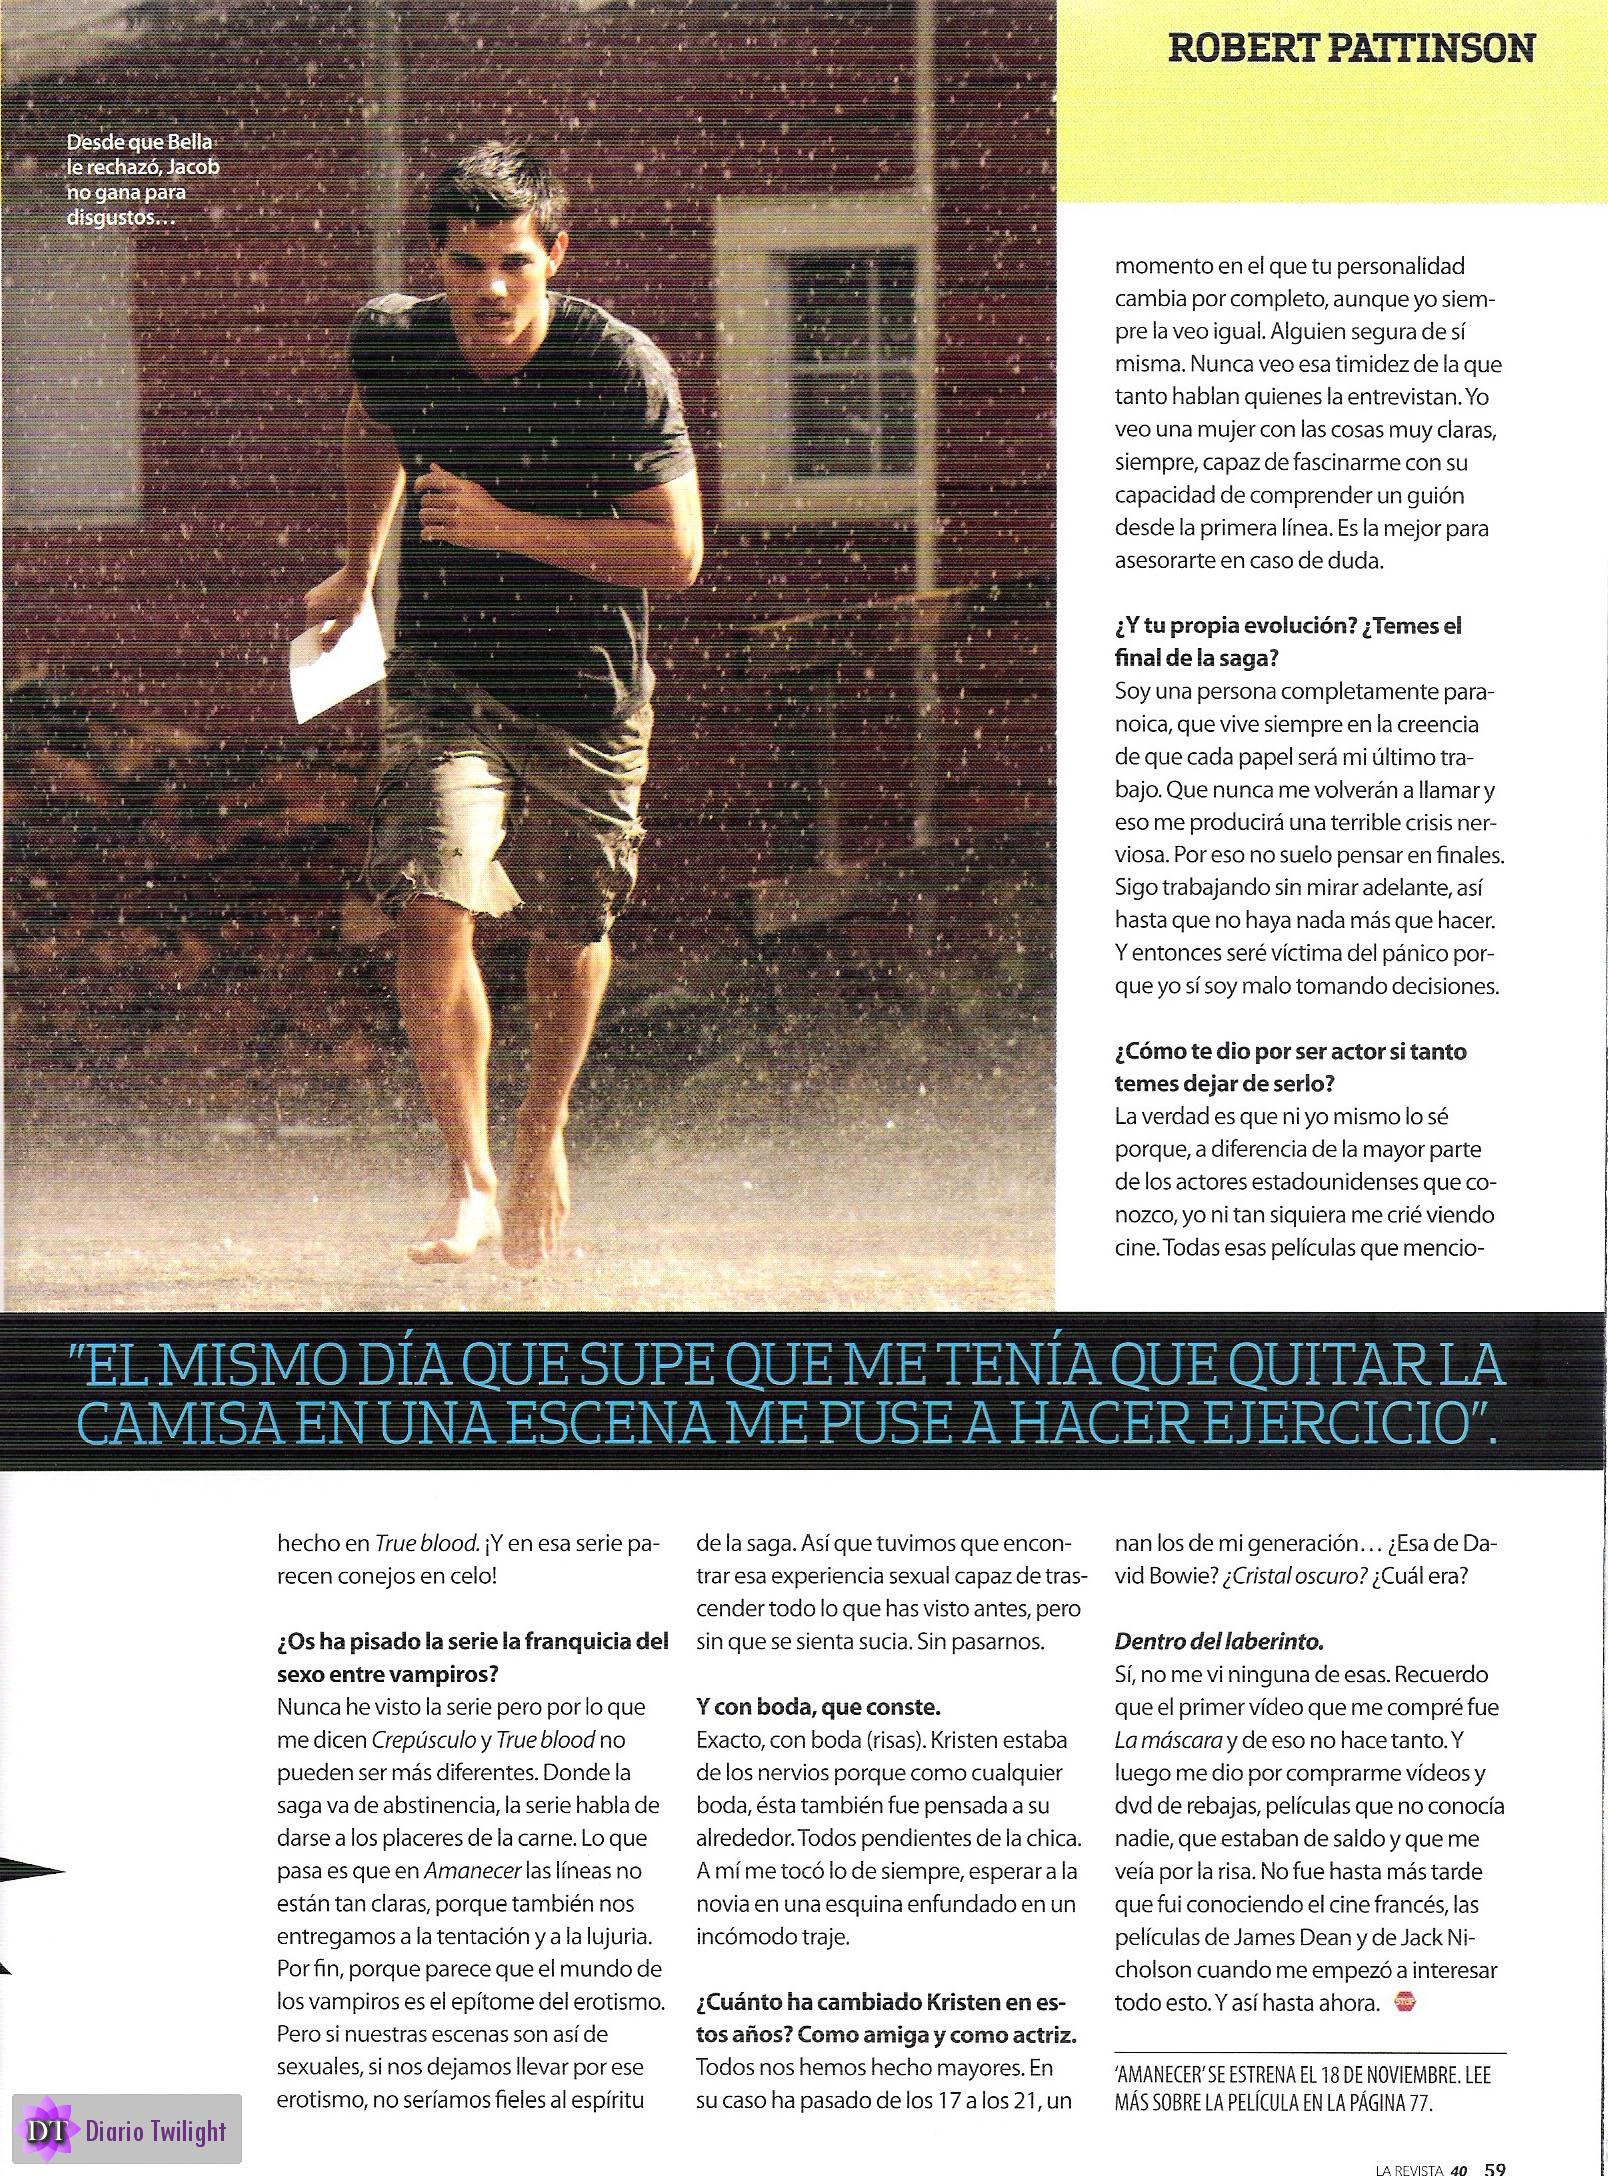 Actores Estadounidenses Hablando Español robert 6 | thinking of rob